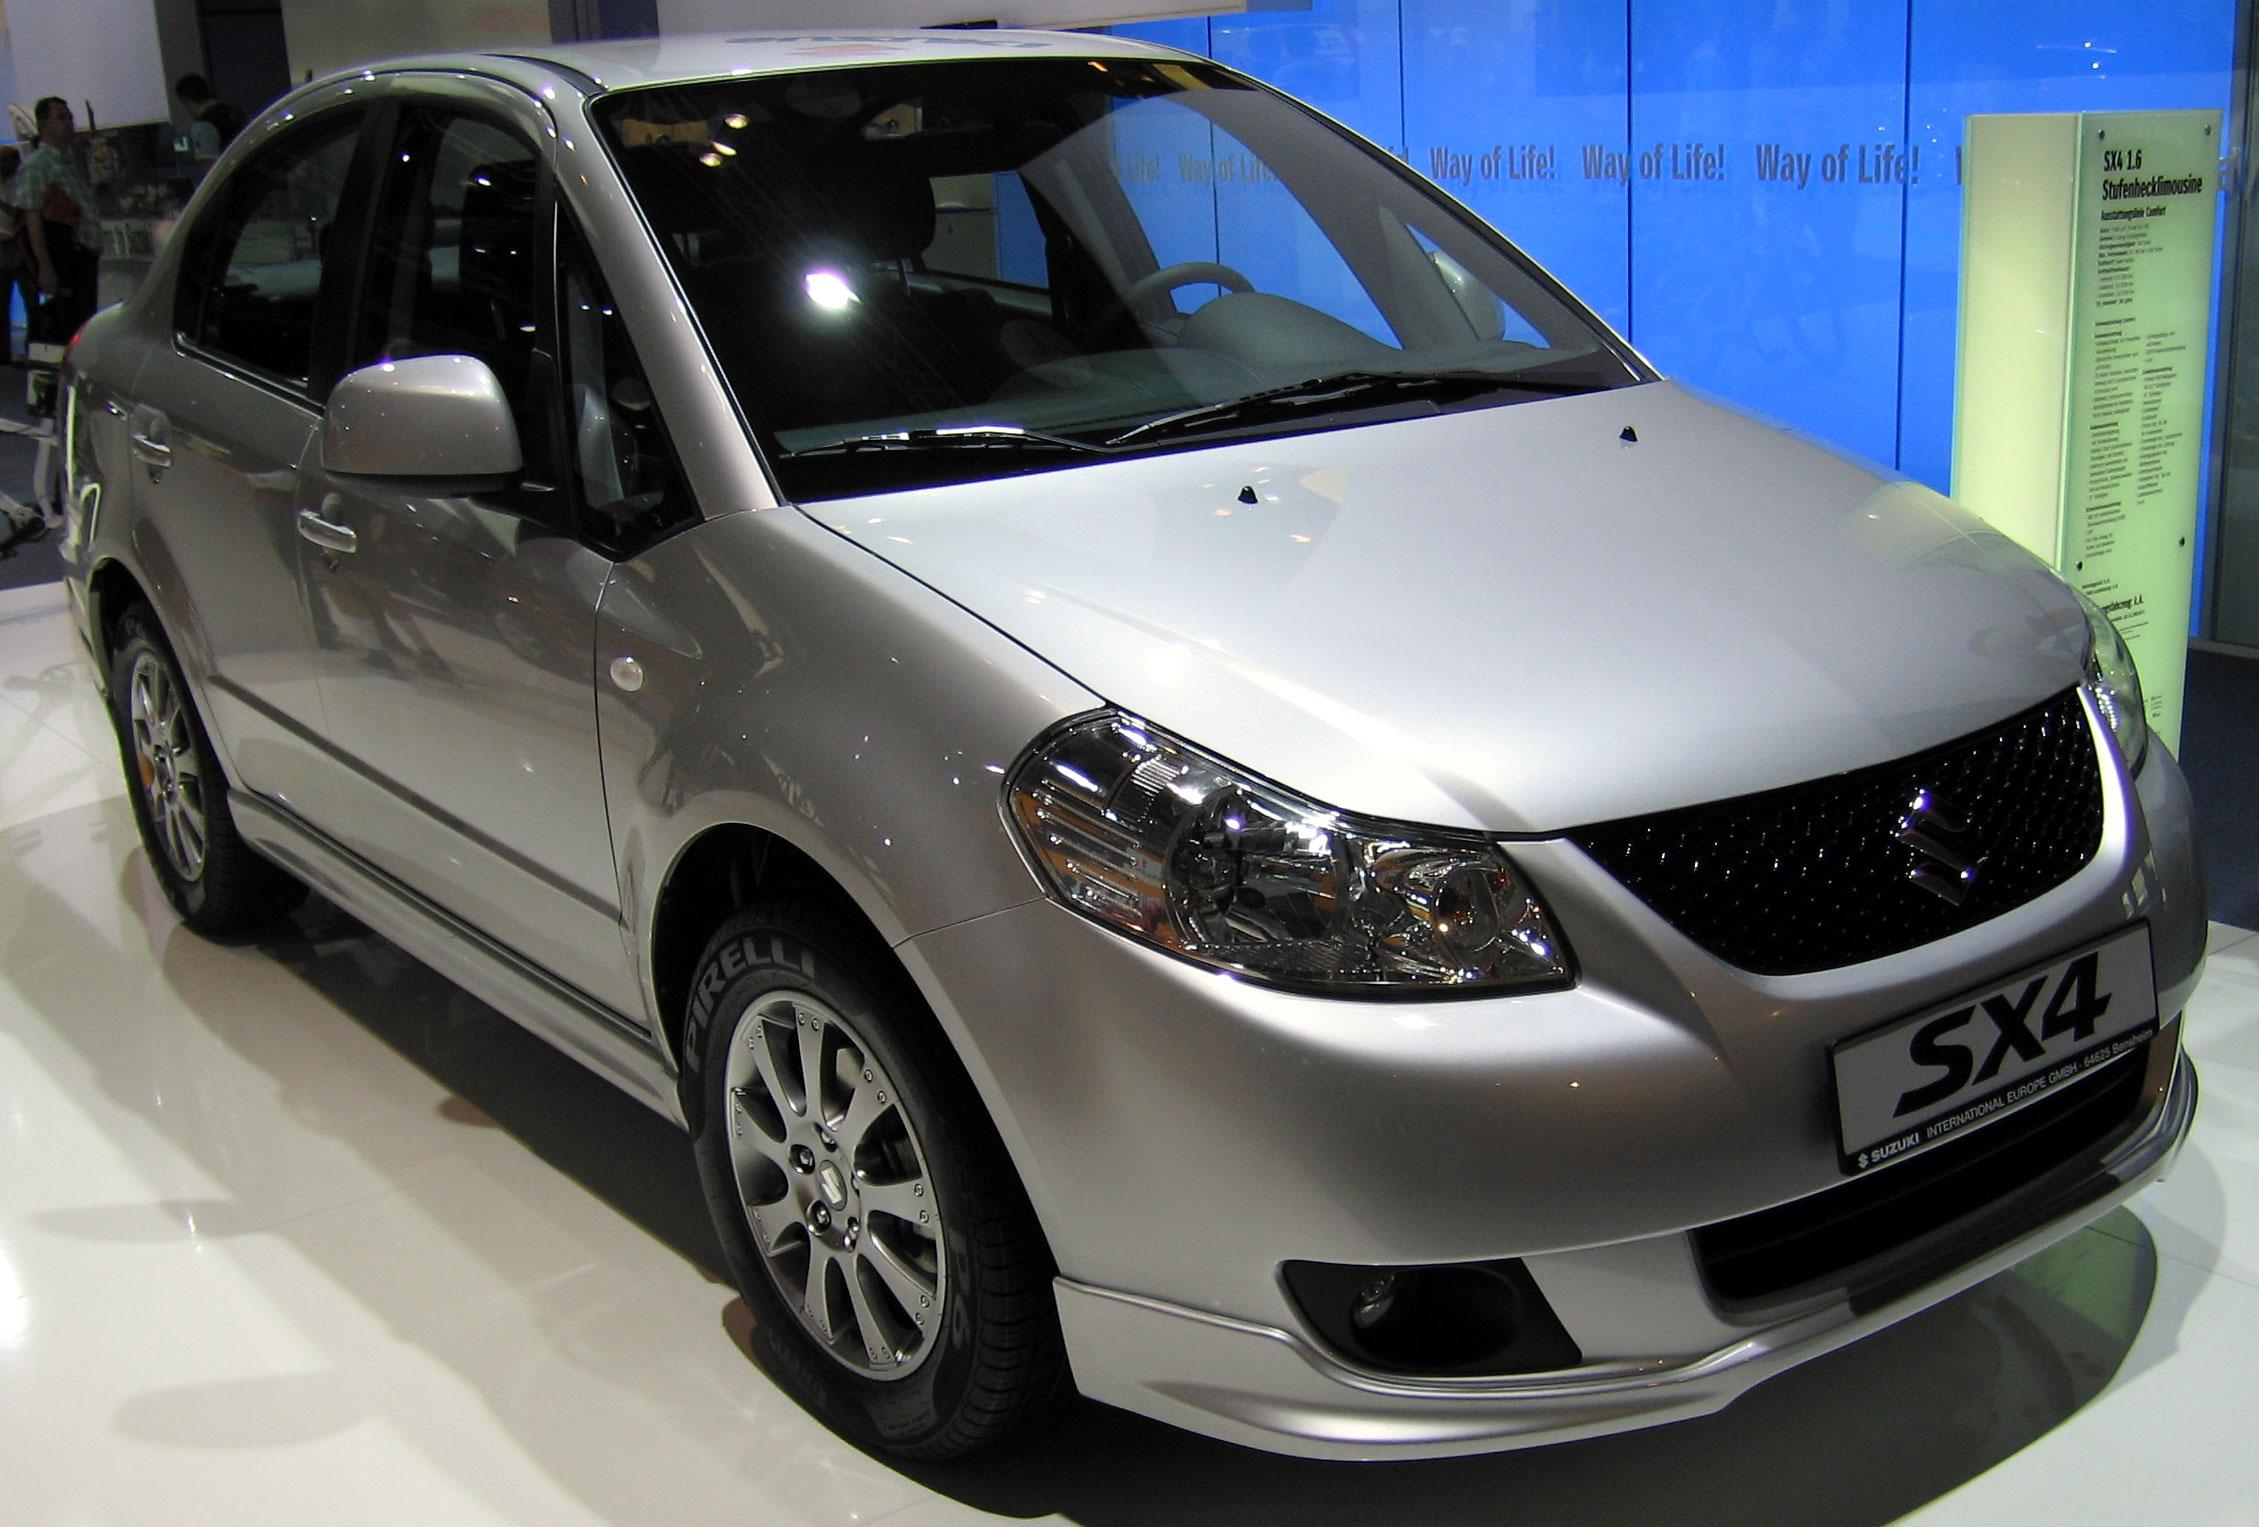 Suzuki Sx Sedan At Carguru